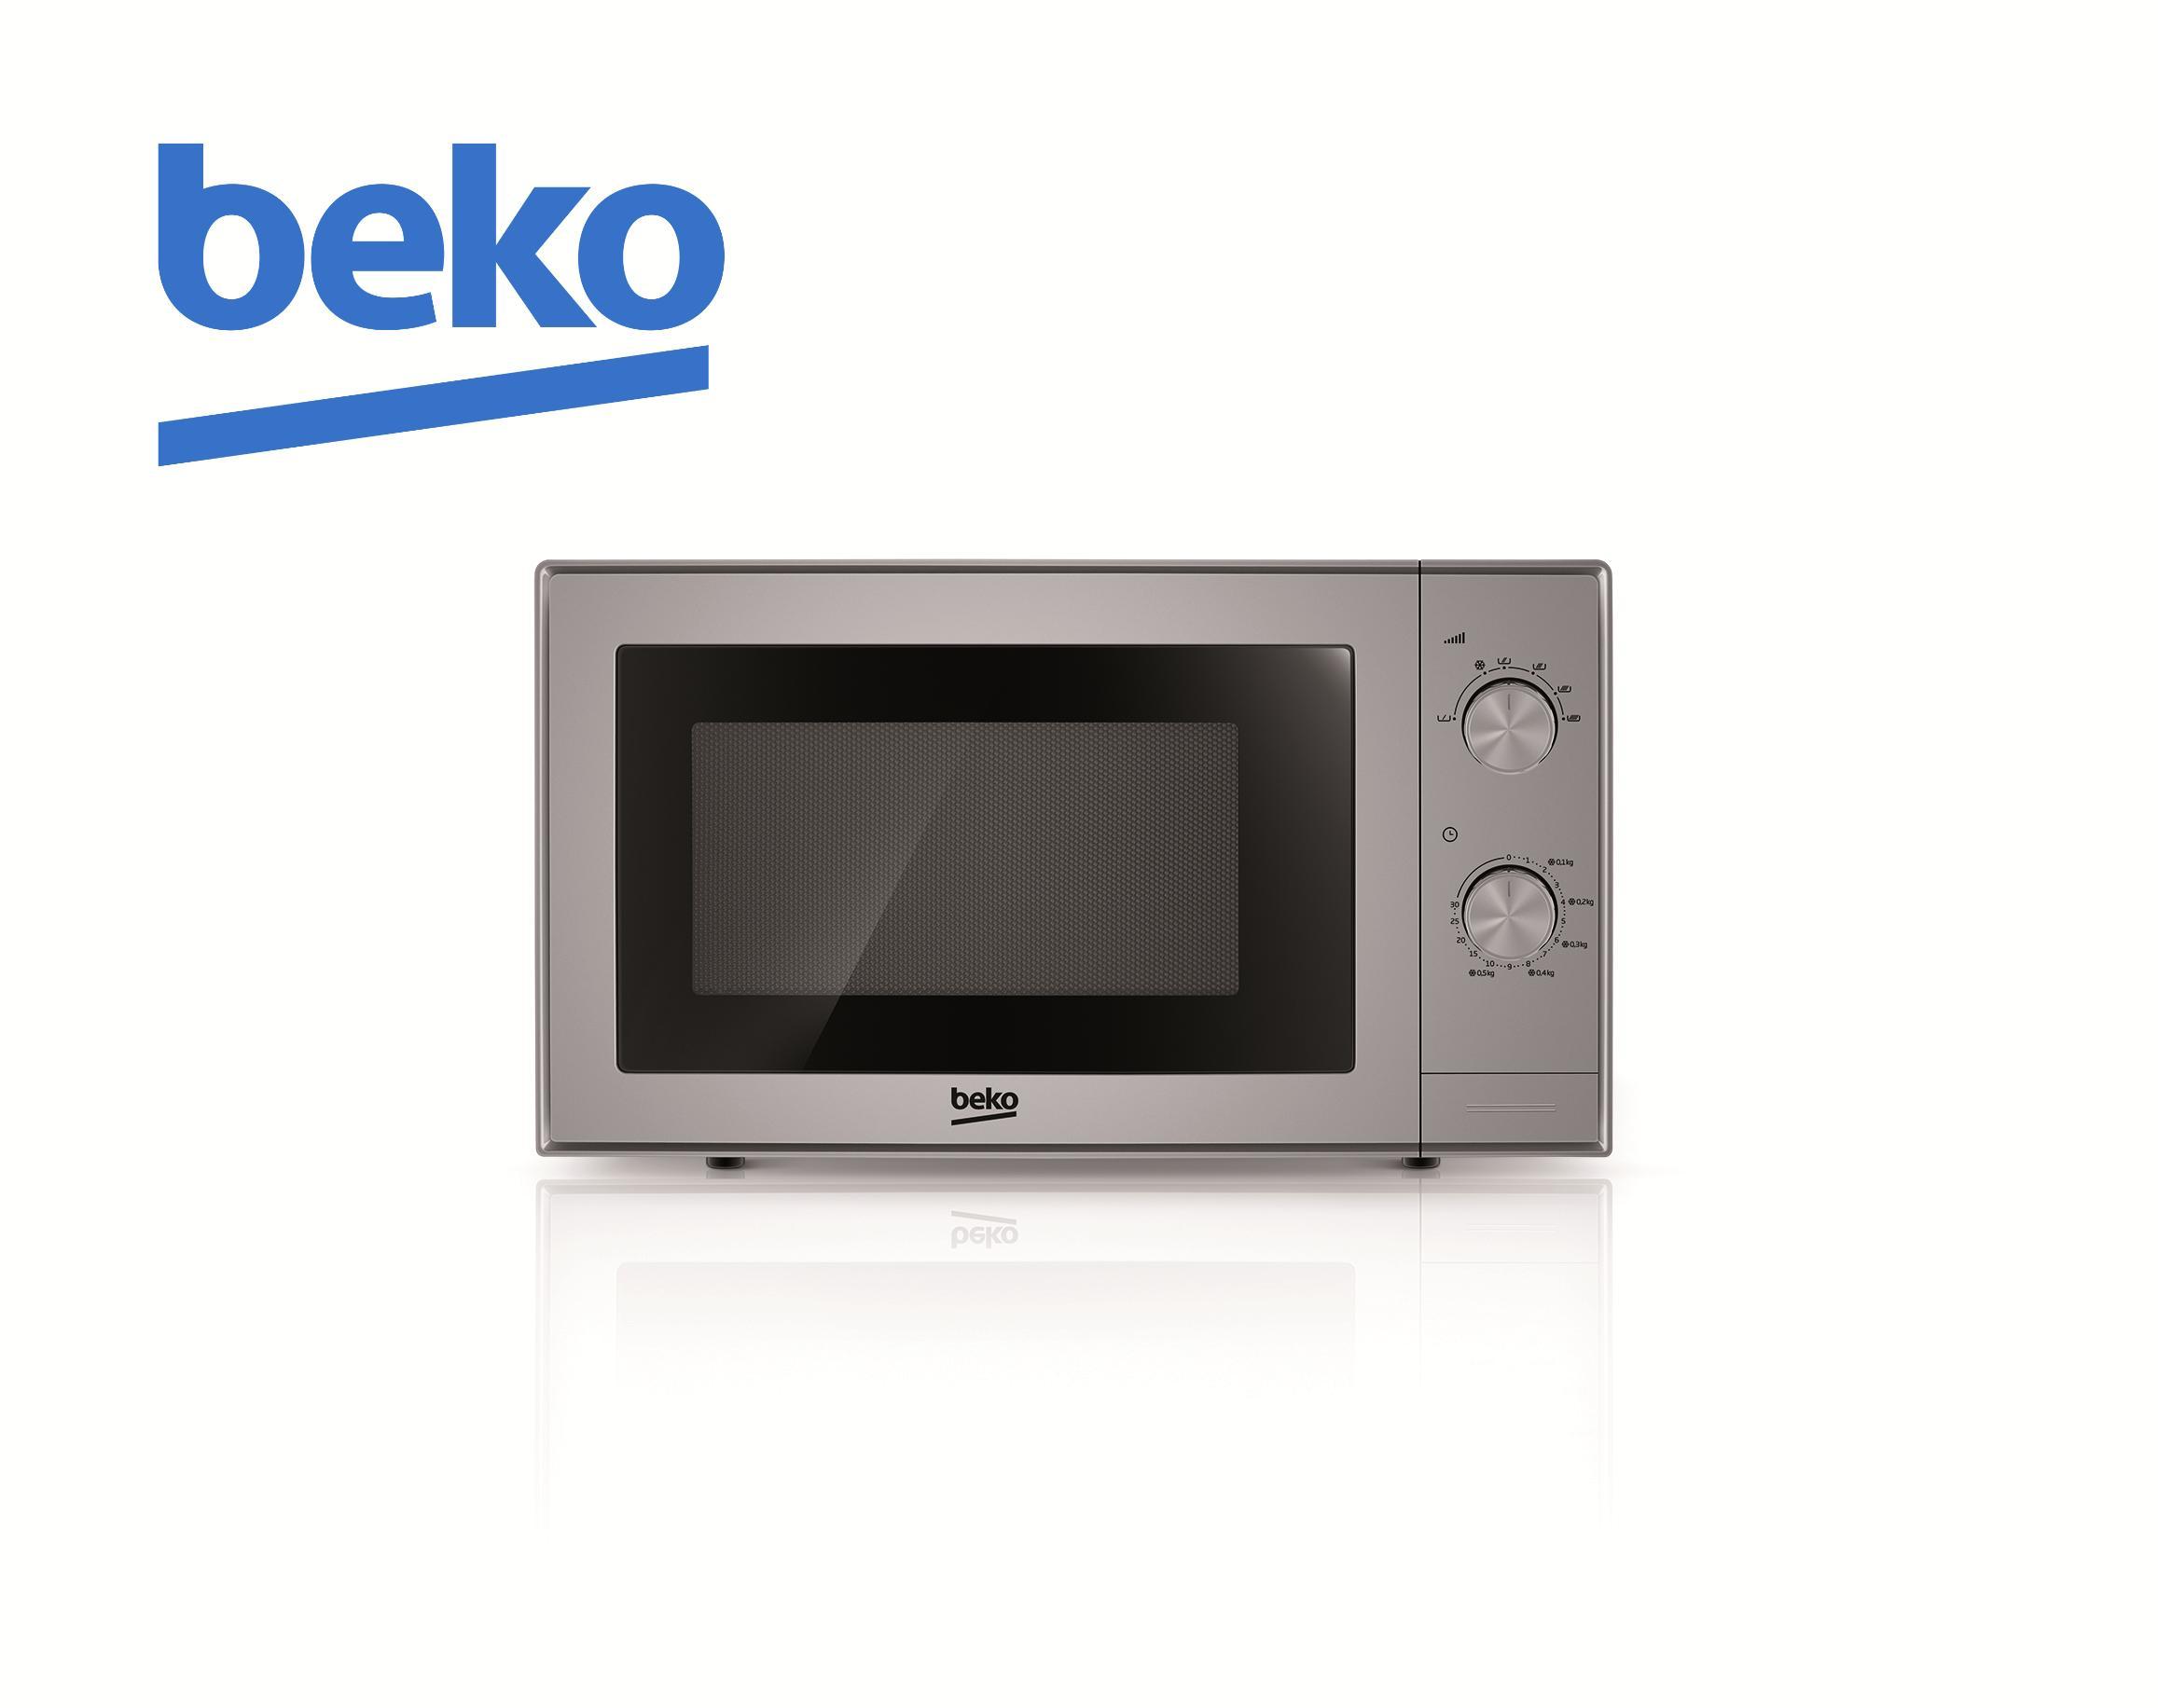 Lò vi sóng Beko MOC20100S (Màu Bạc) - Công suất 700W - Tiêu chuẩn Châu Âu - Bảo hành 12 tháng - Hàng chính hãng